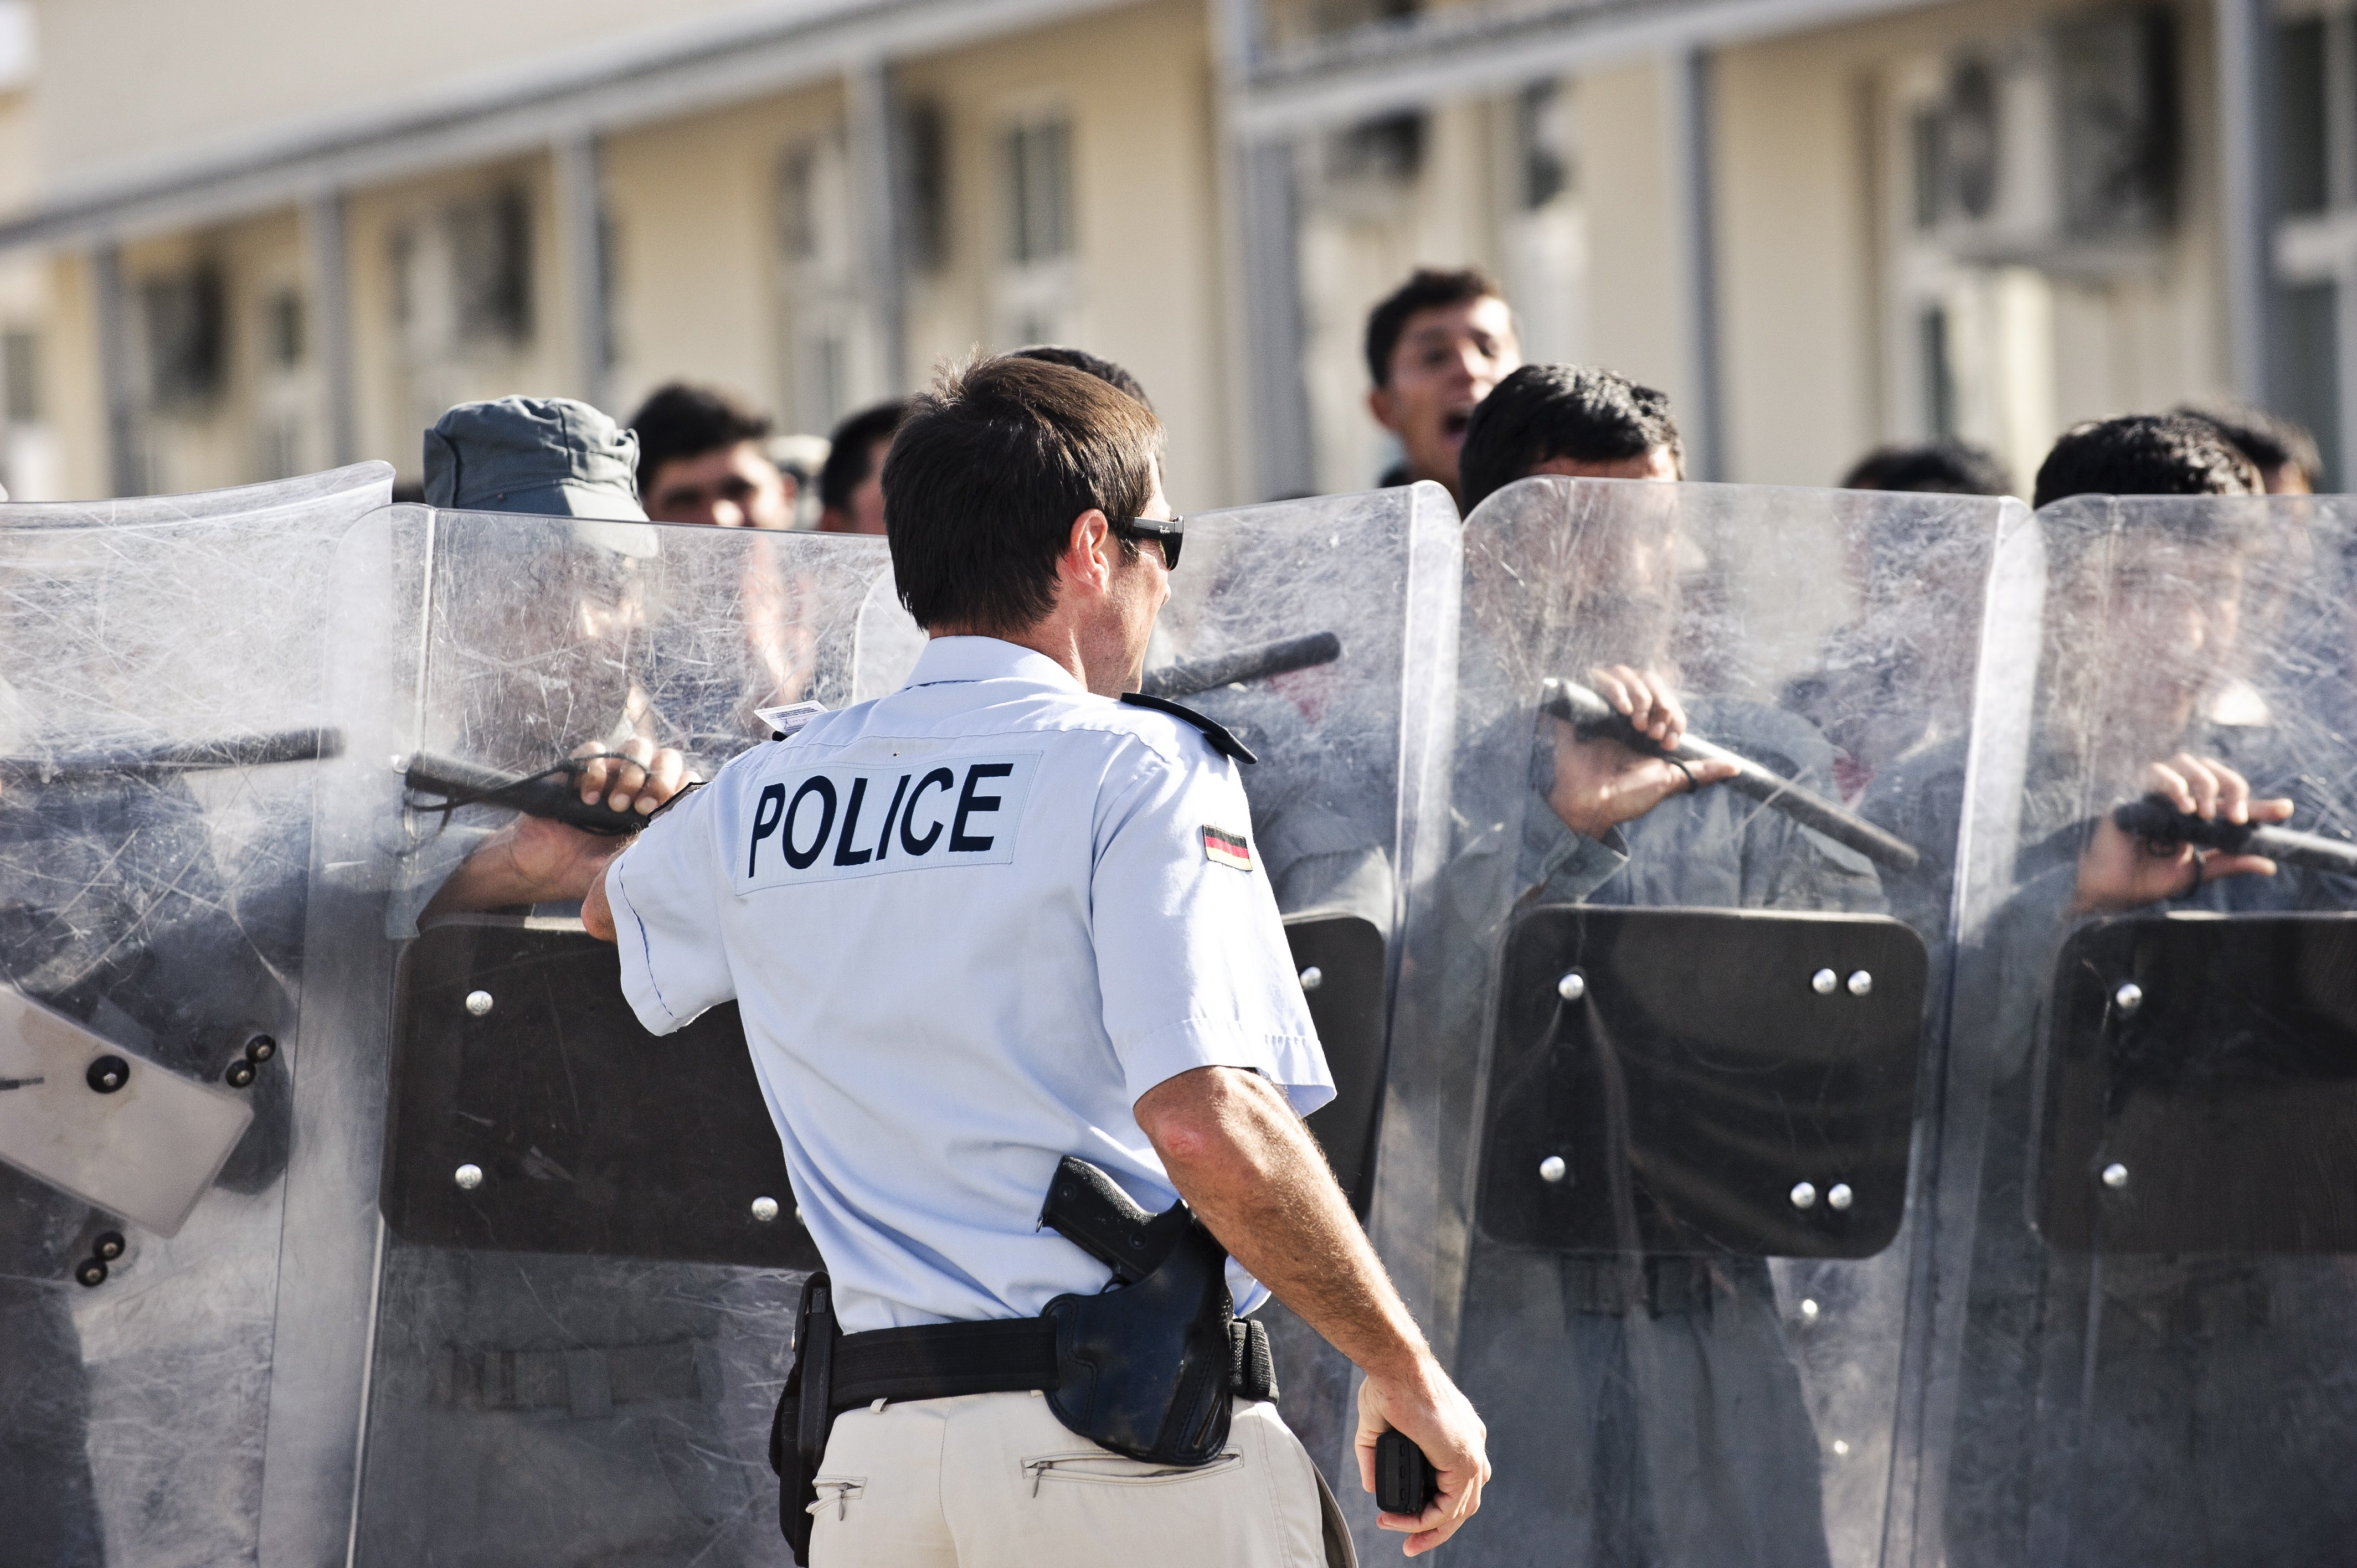 Bpol_Internationales_PE_AV_GPPT_AFG_110114_PE_001.jpg – Bundespolizei, Einstellungsberatung Bunde